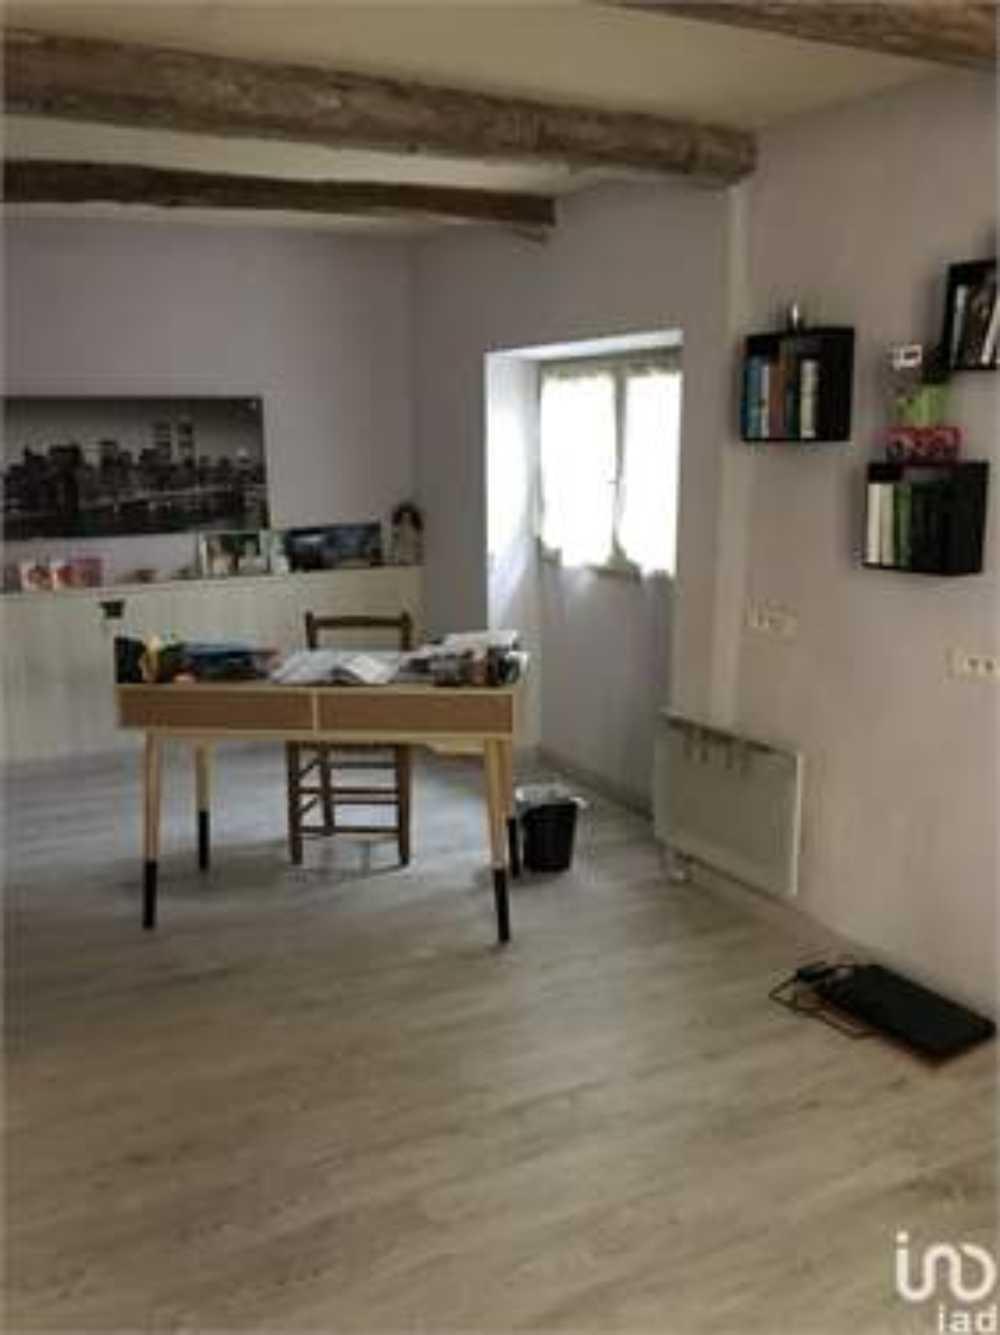 Aubignan Vaucluse Apartment Bild 3805369